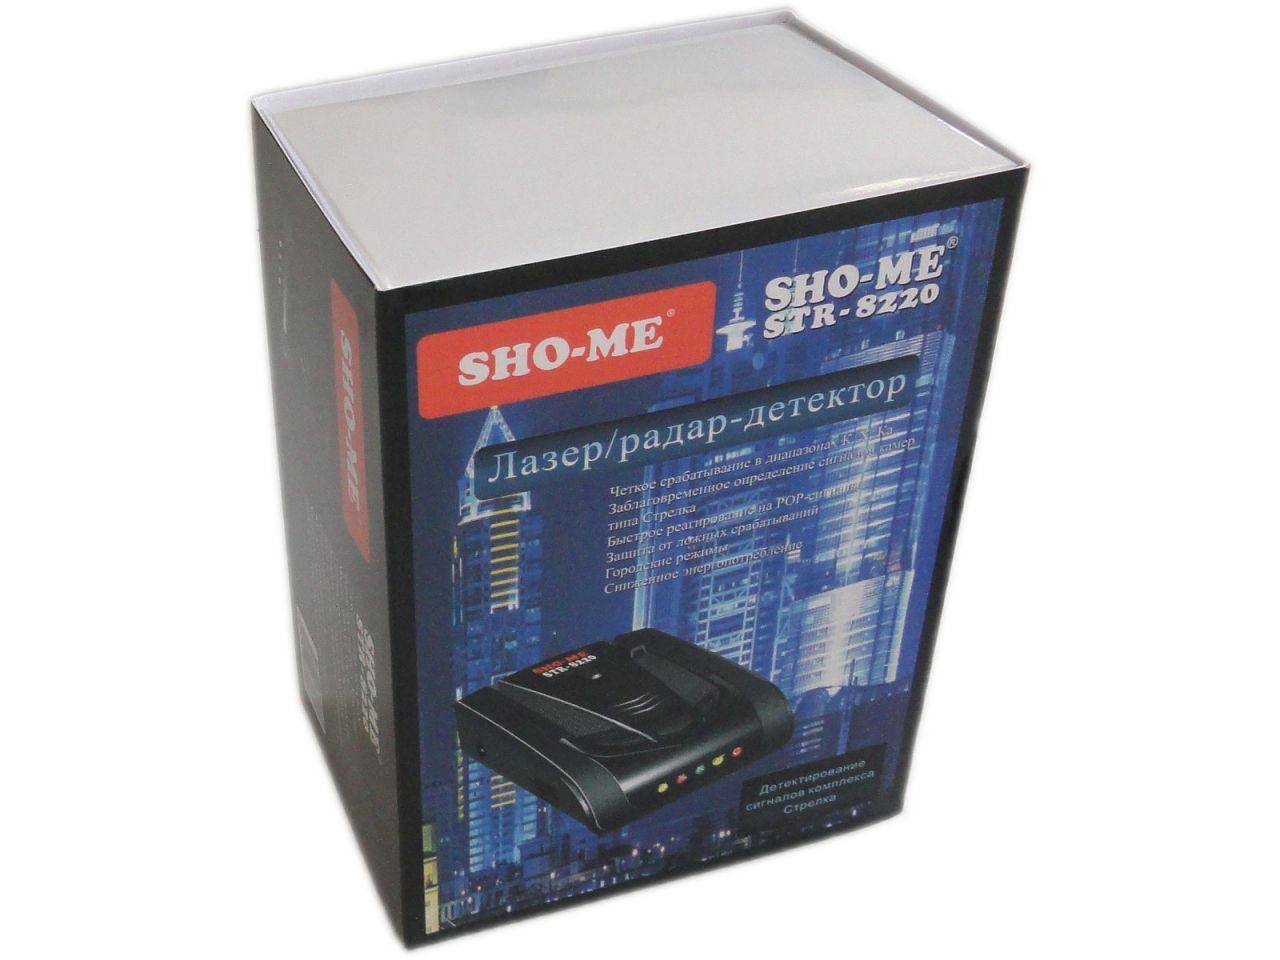 Радар-детектор Sho-Me STR-8220: цена, описание, отзывы